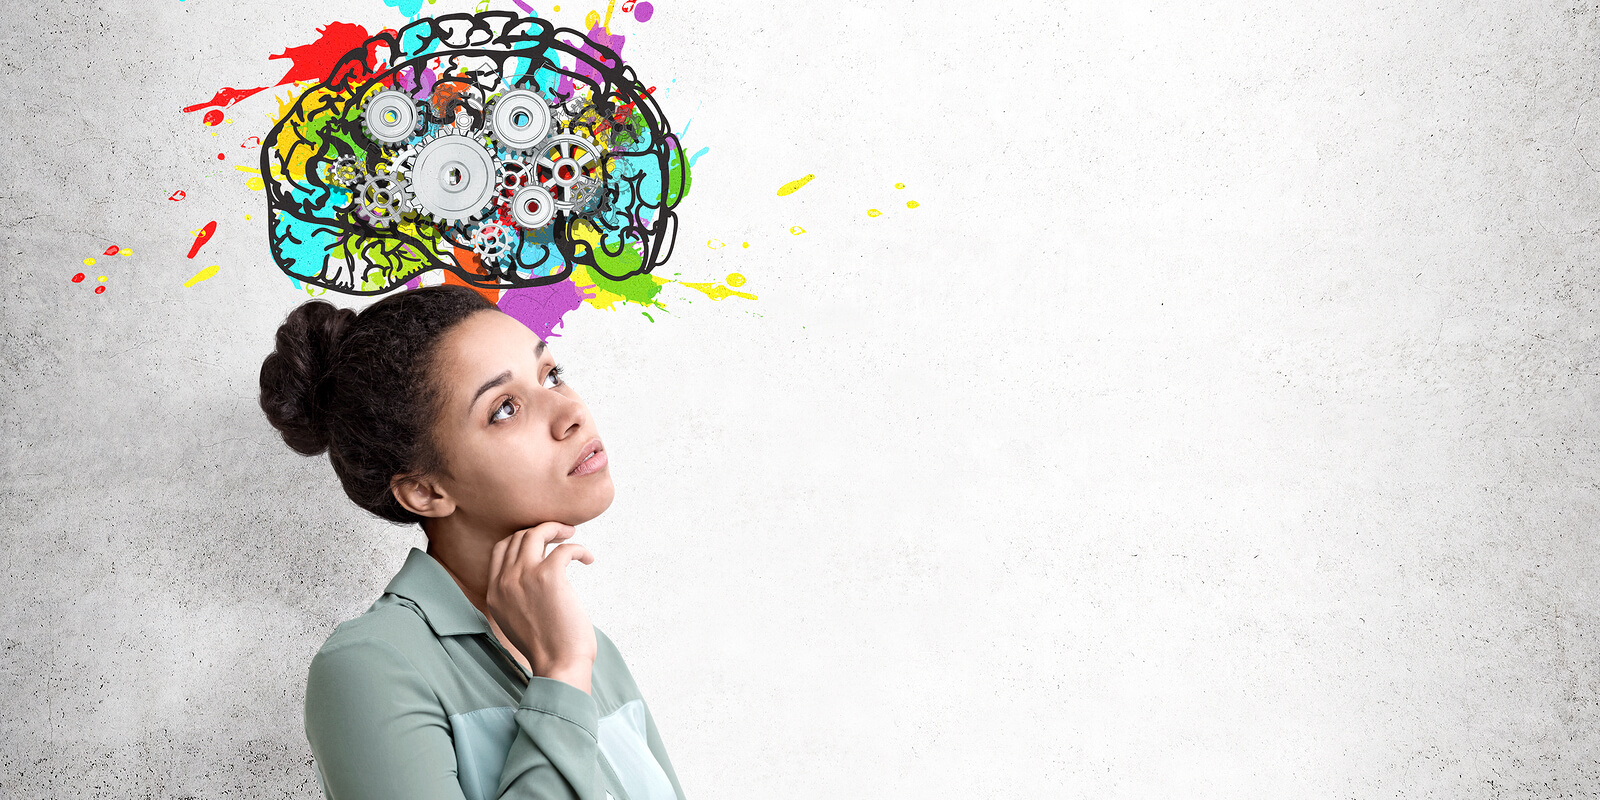 Duygusal zeka dediğimiz zeka türü, dört nitelikten oluşmaktadır.